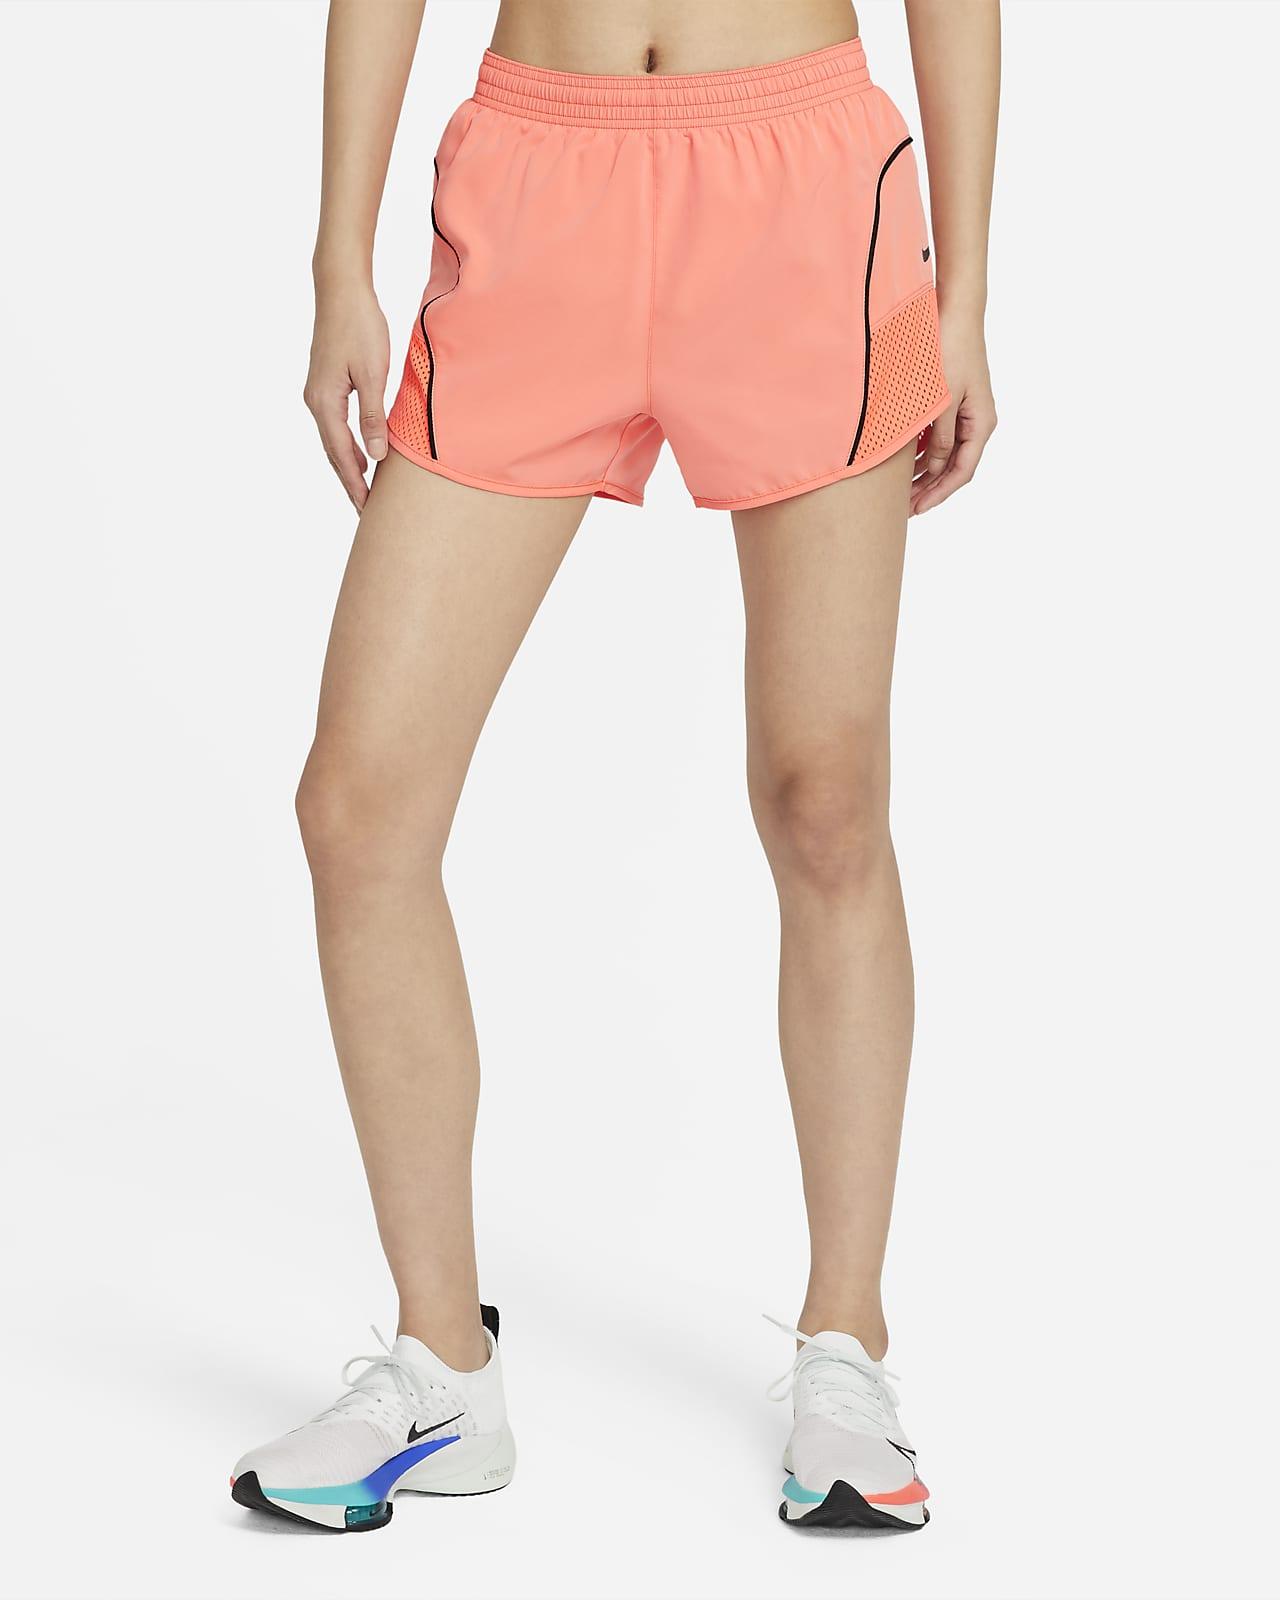 Nike Tempo Femme Women's Running Shorts